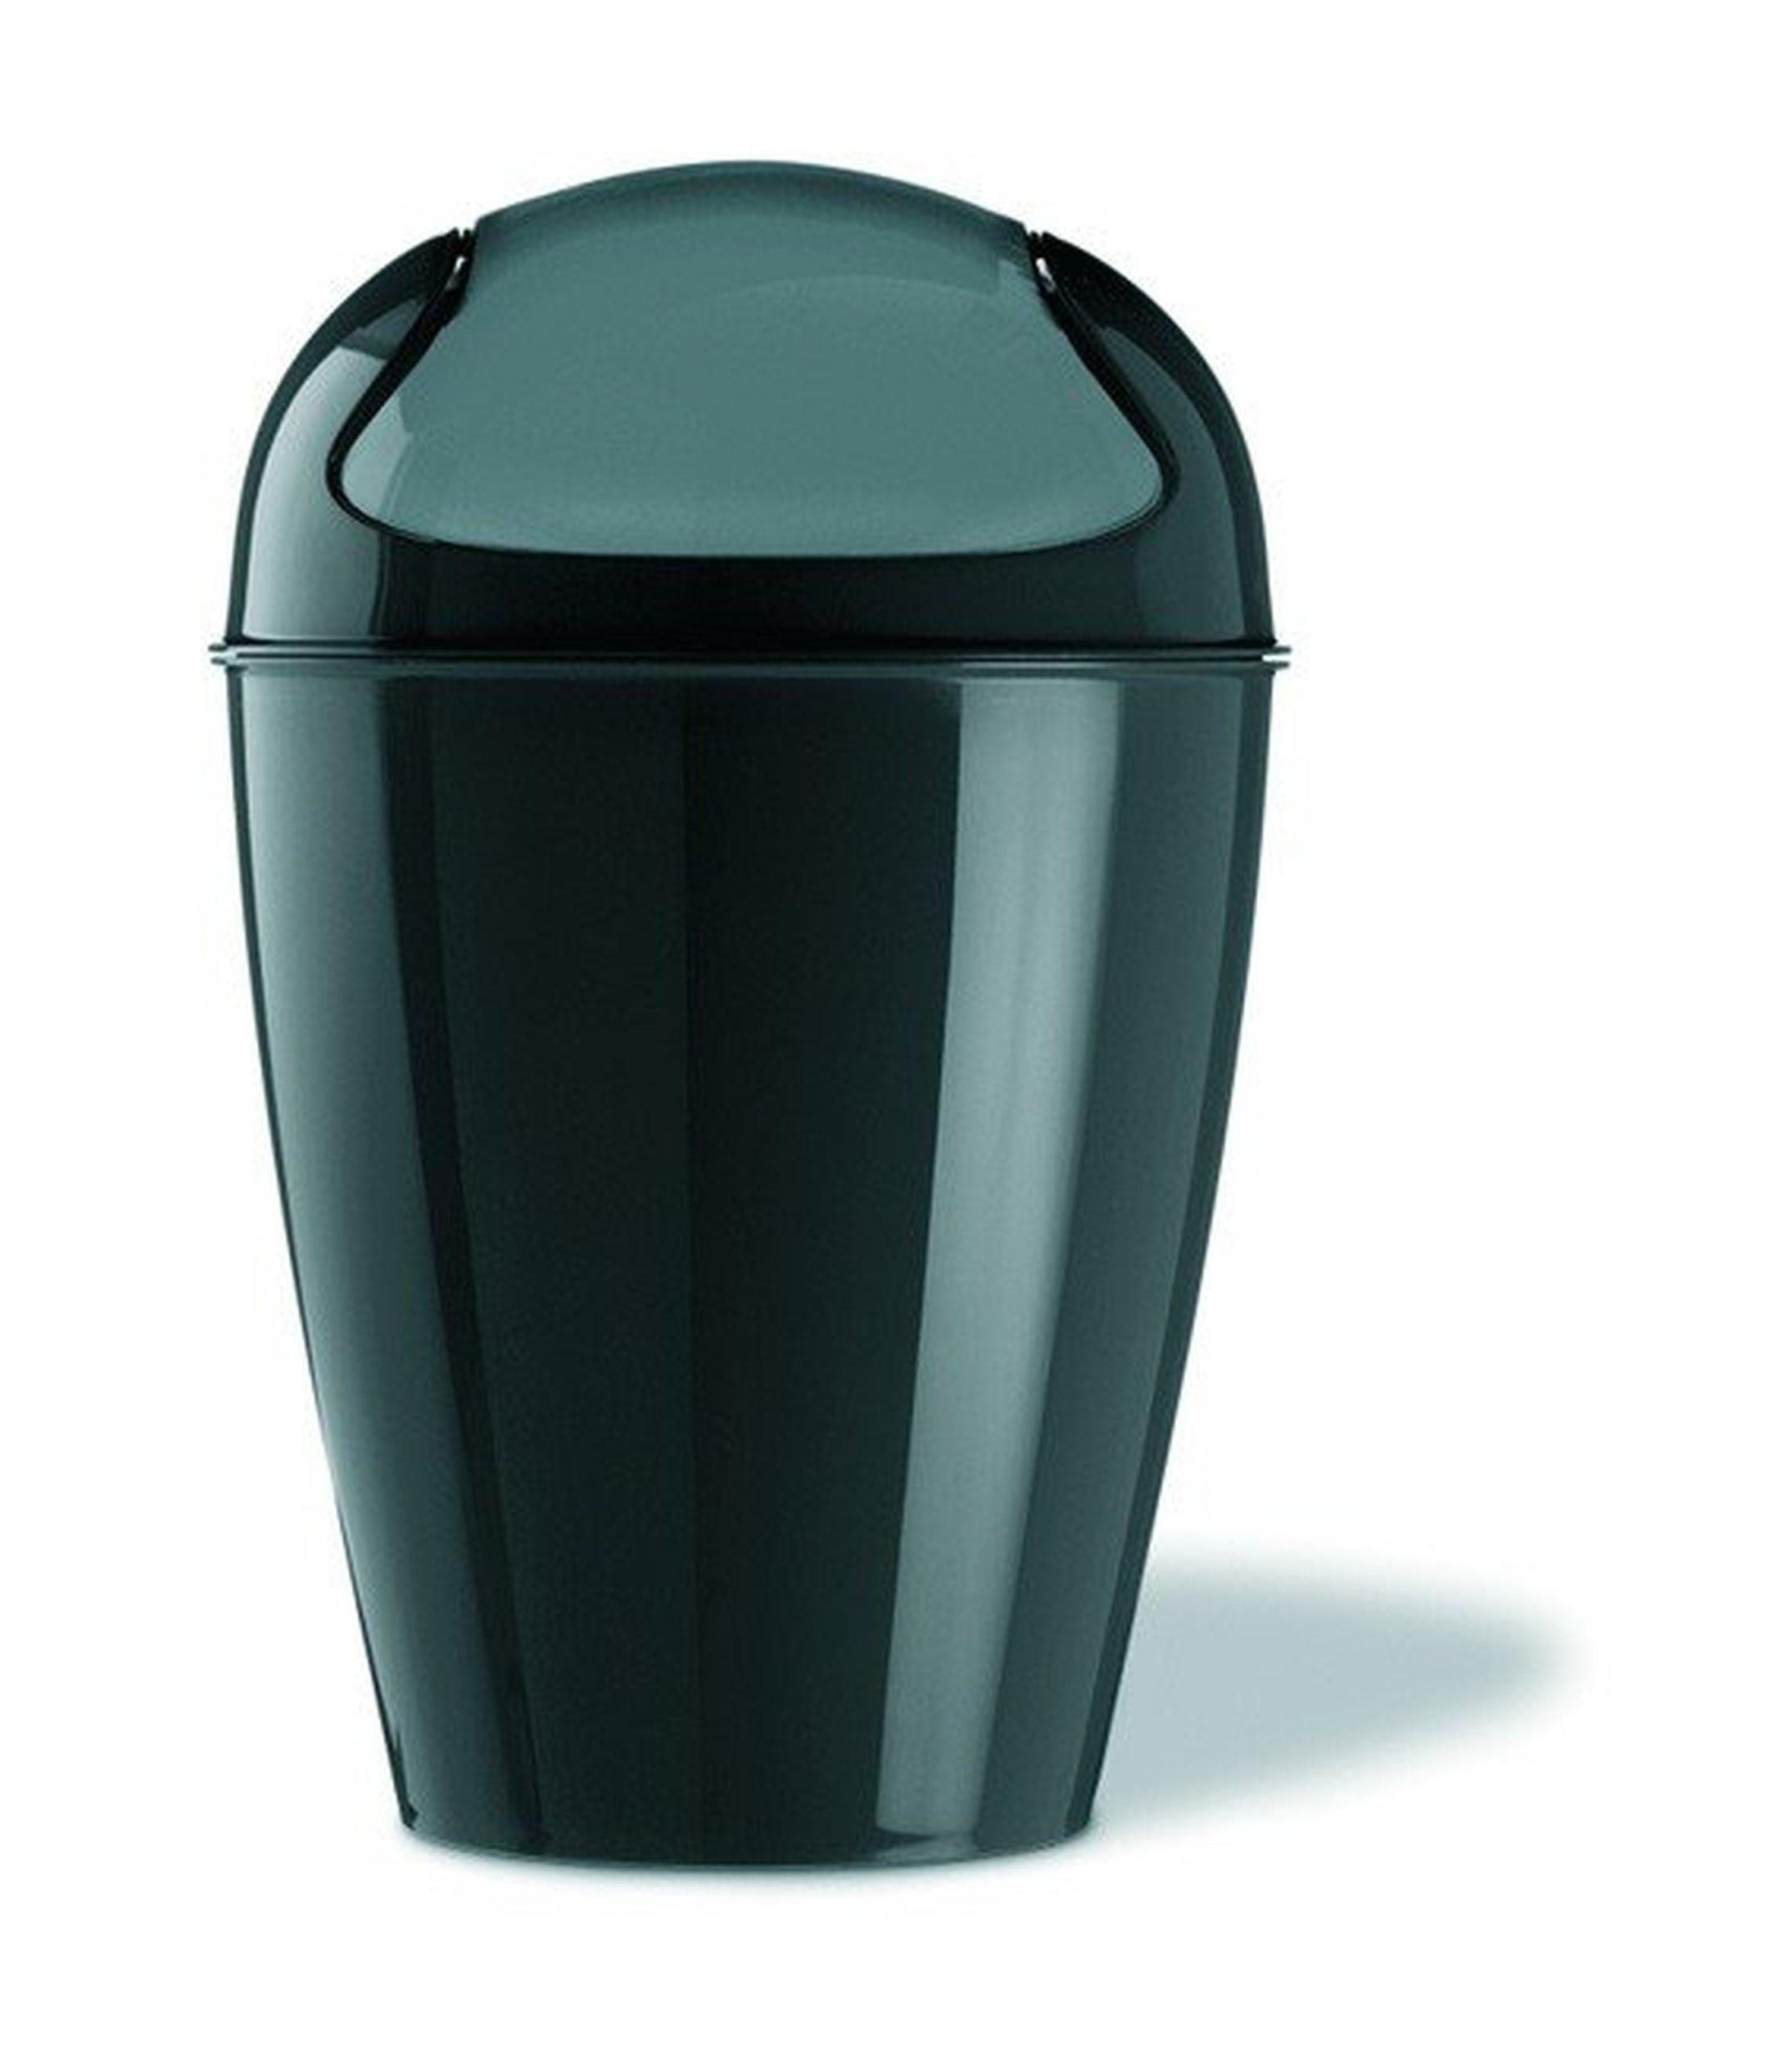 Kosz na śmieci Del XL czarny